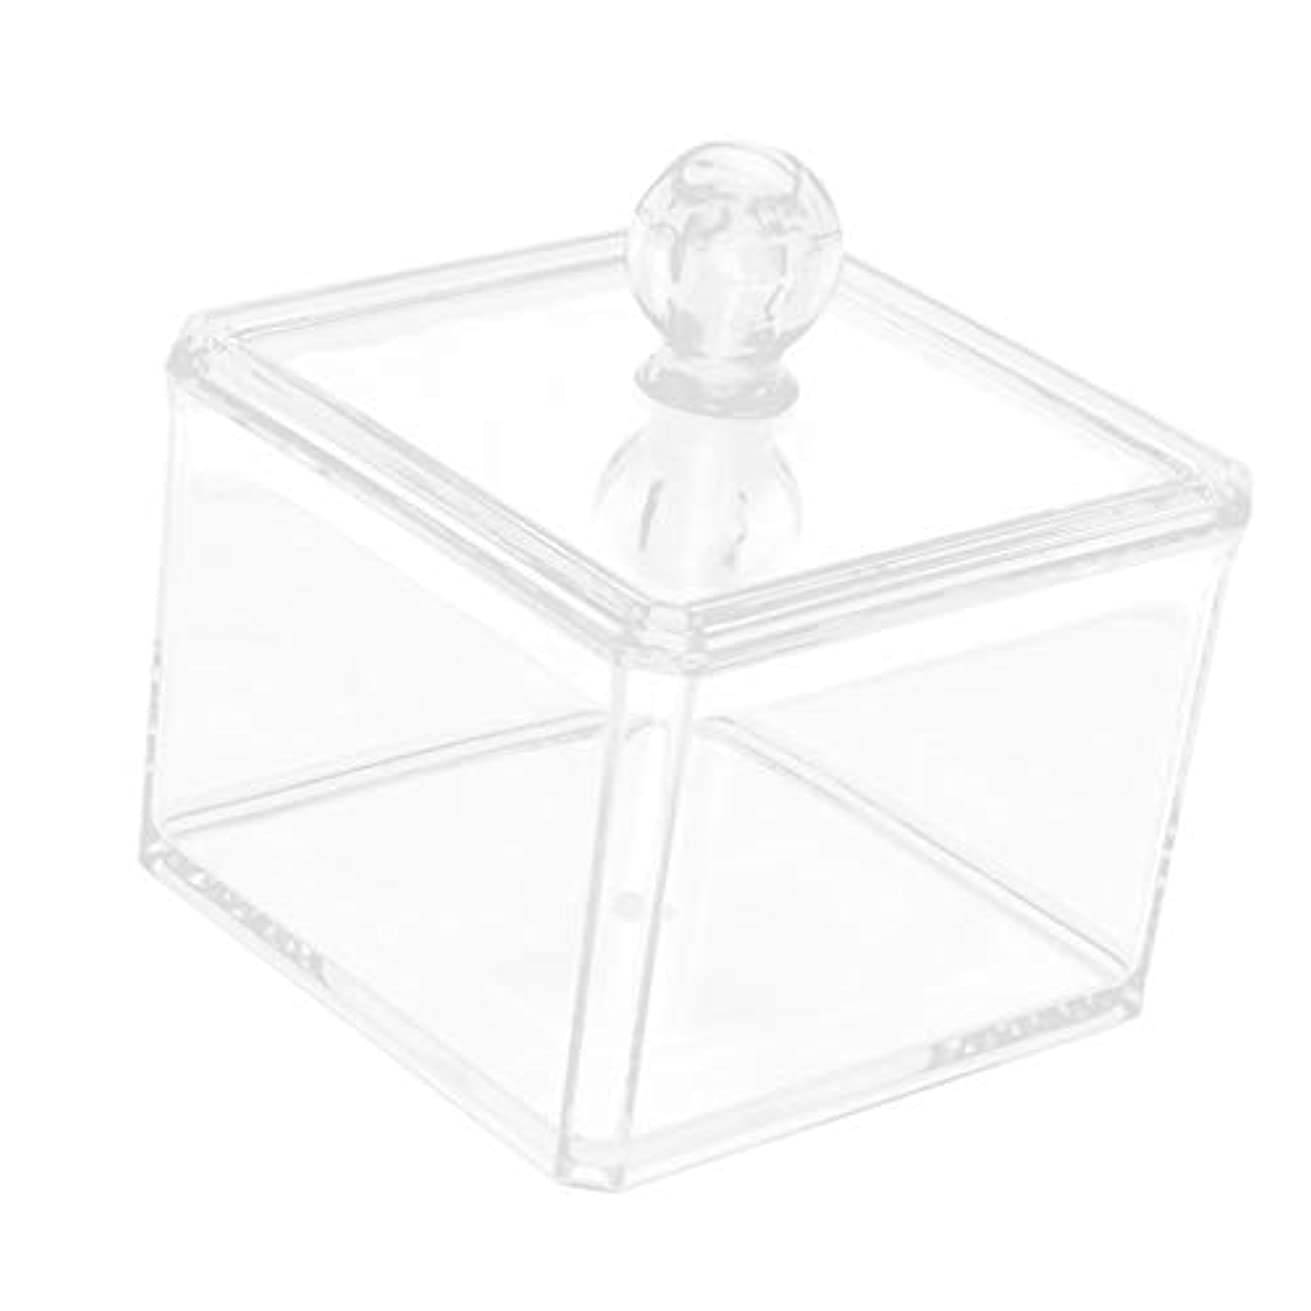 ブーストクルー議題収納ケース クリア 小物入り 綿棒 化粧パッド 収納ボックス オーガナイザー 2サイズ選べ - 9.4x7cm